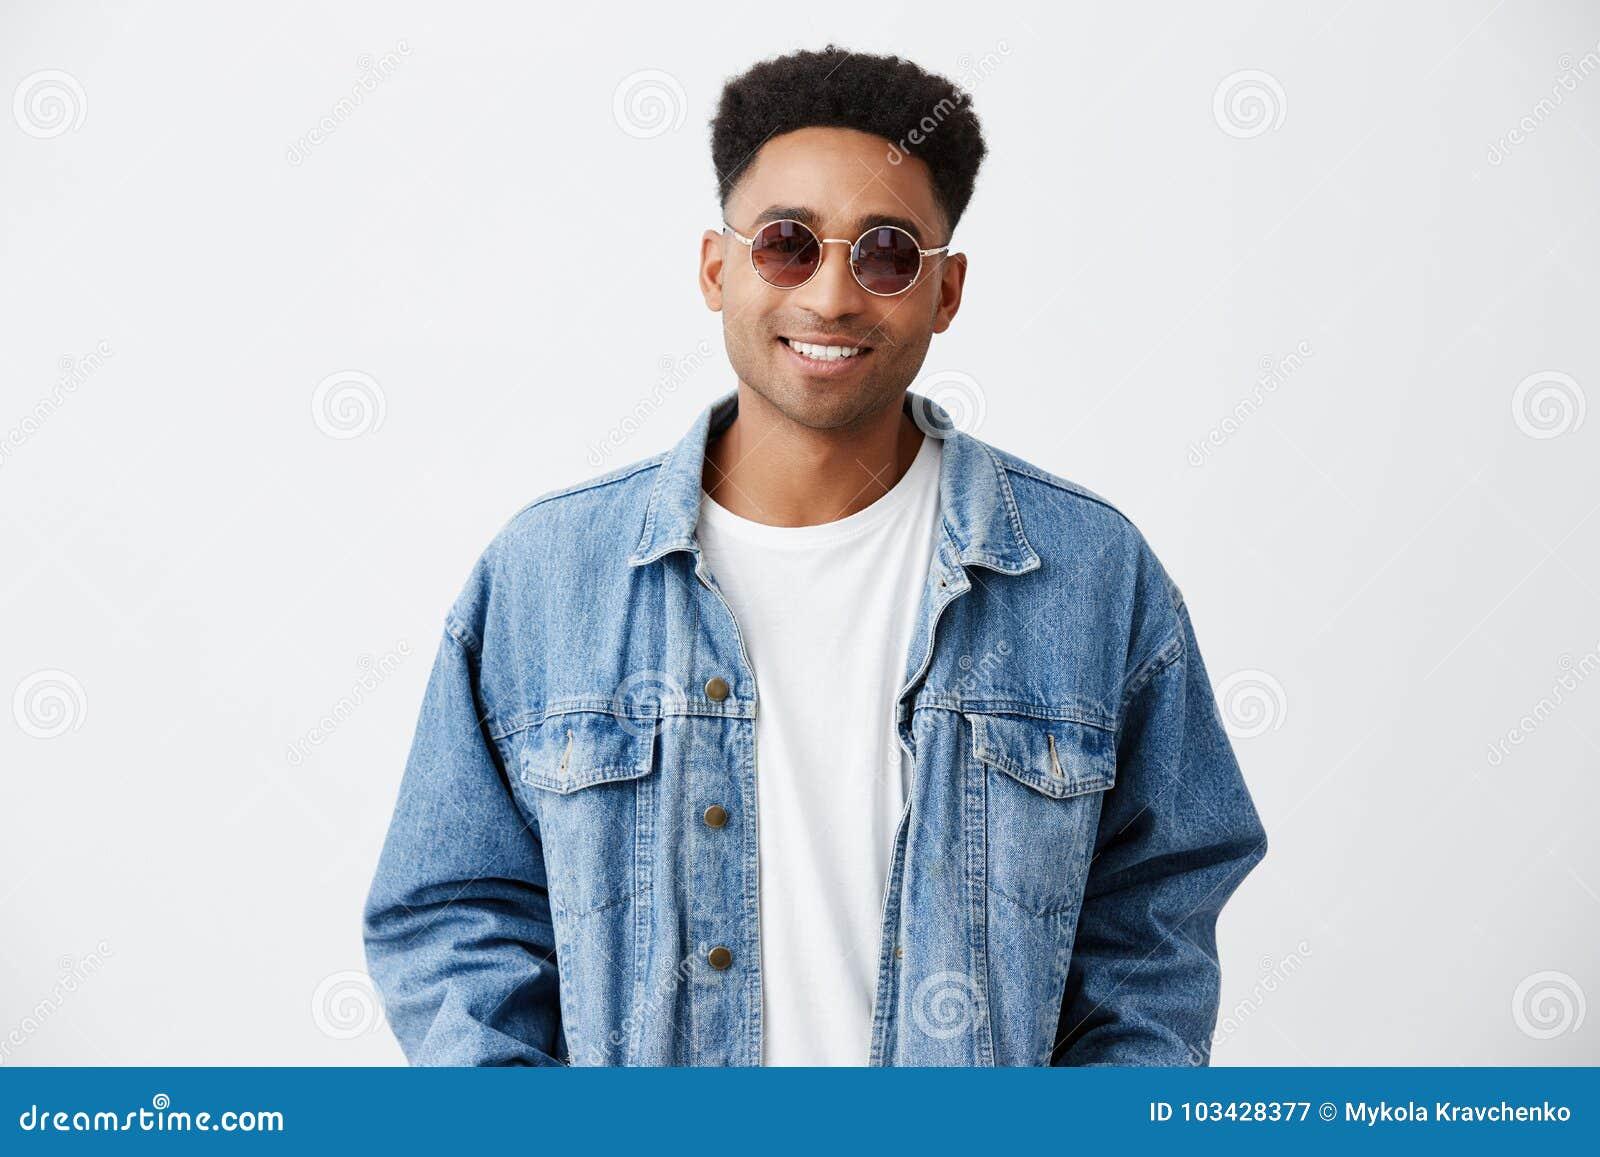 Zamyka up młody atrakcyjny rozochocony modny ciemnoskóry mężczyzna z afro fryzurą w białej koszula pod drelichem